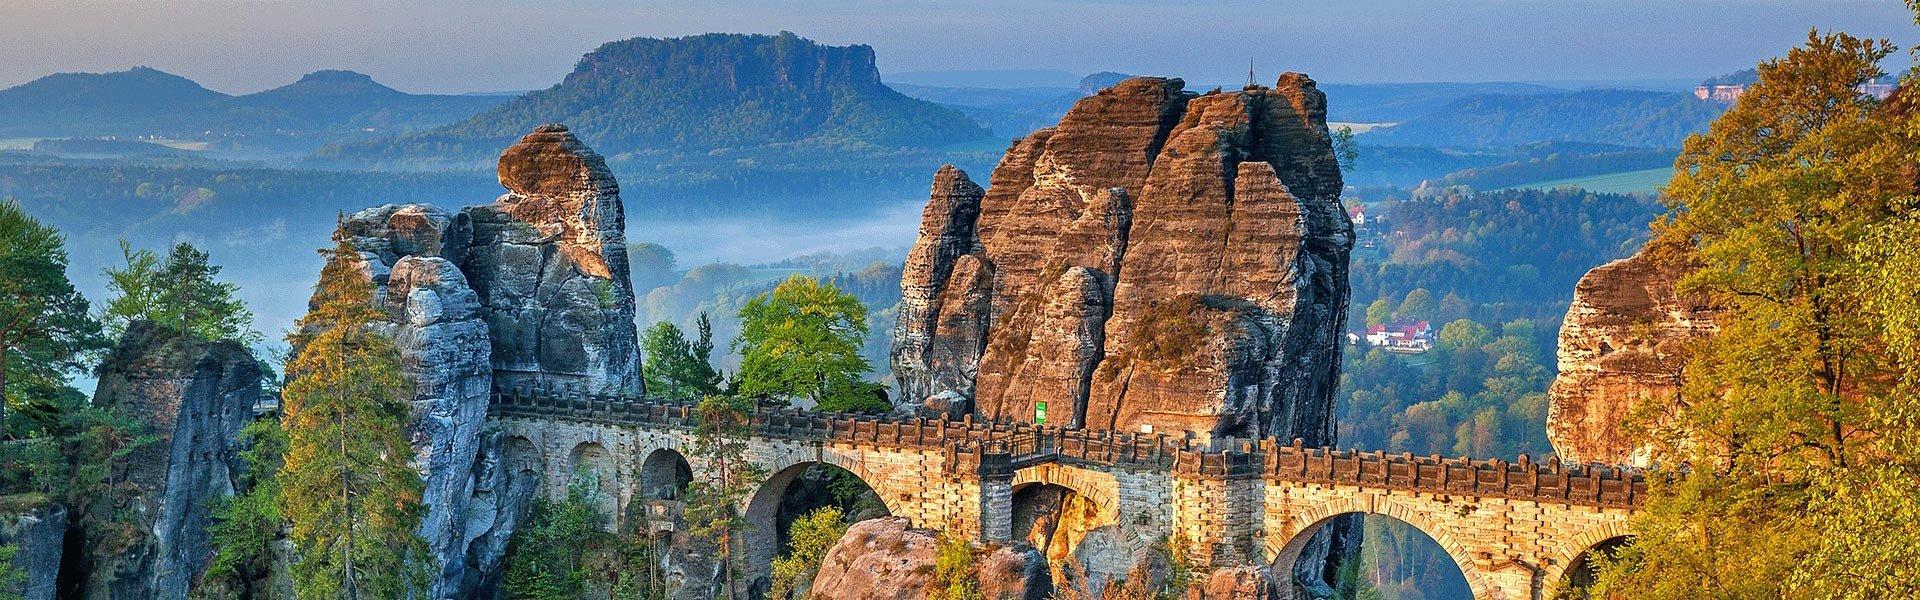 Victoria CamperHolidays Duitsland-Saskisch Zwitserland